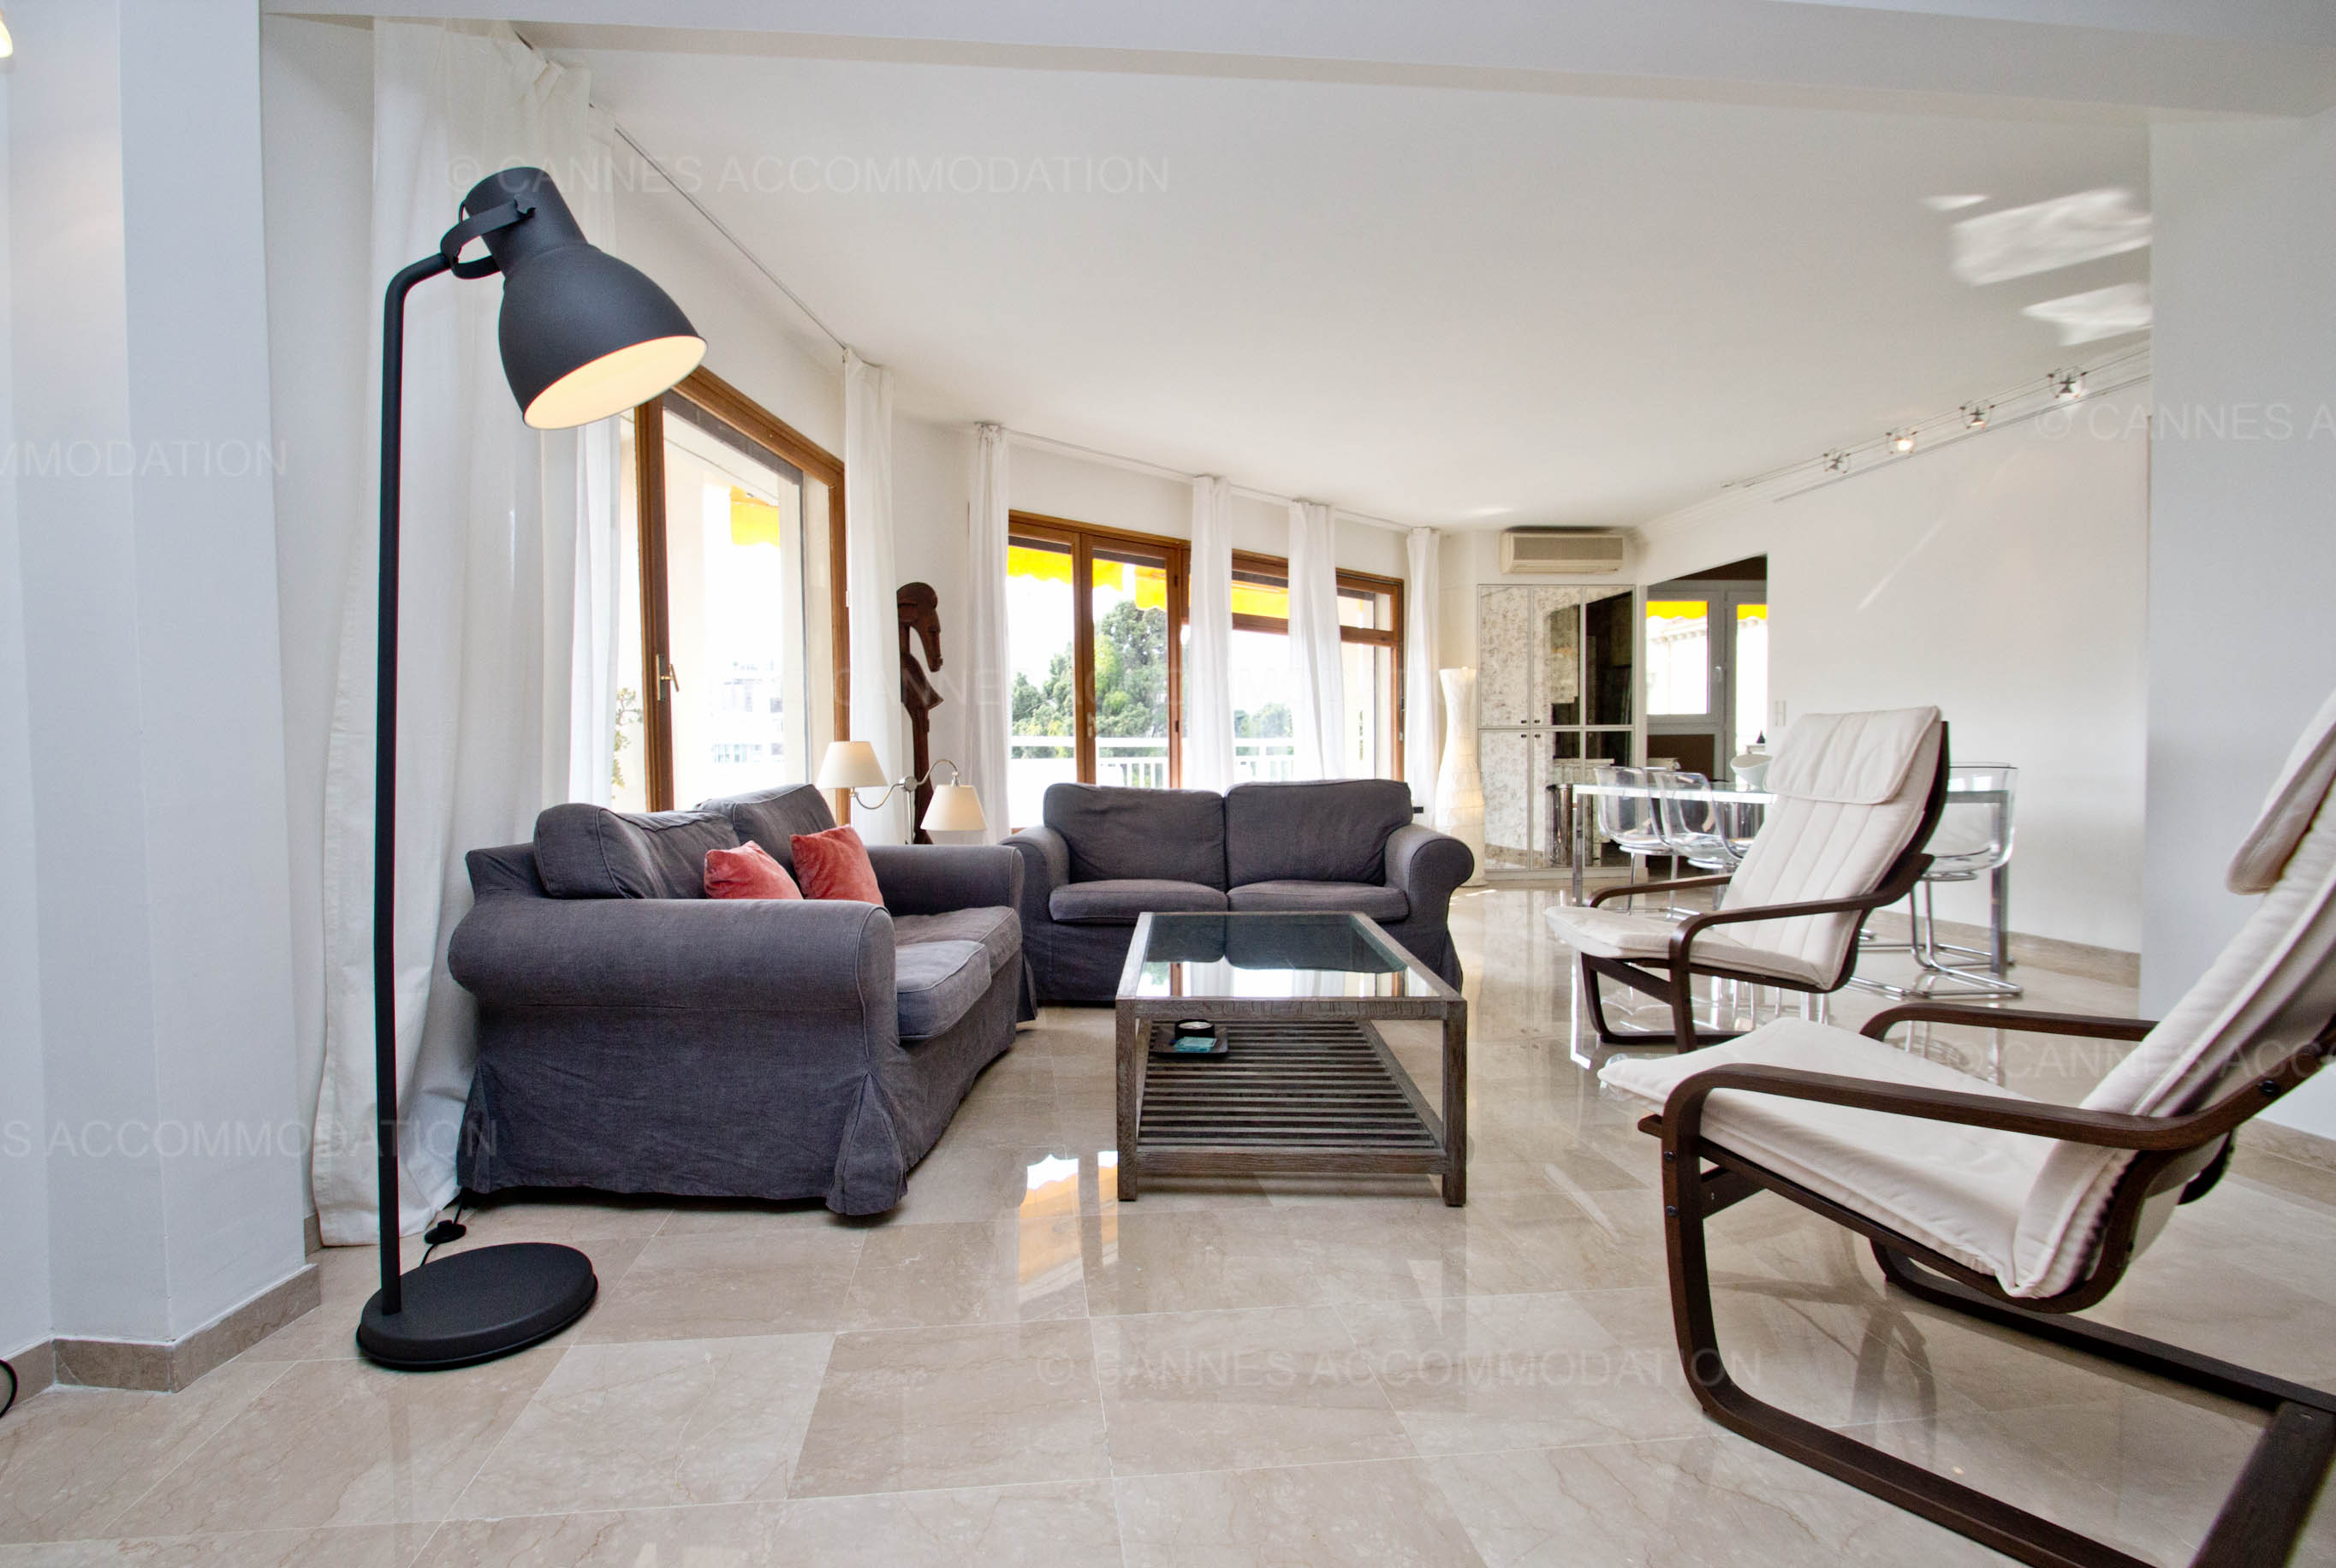 Appartement 2 chambres louer cannes secteur carlton martinez corou cannes accommodation - Prix chambre carlton cannes ...